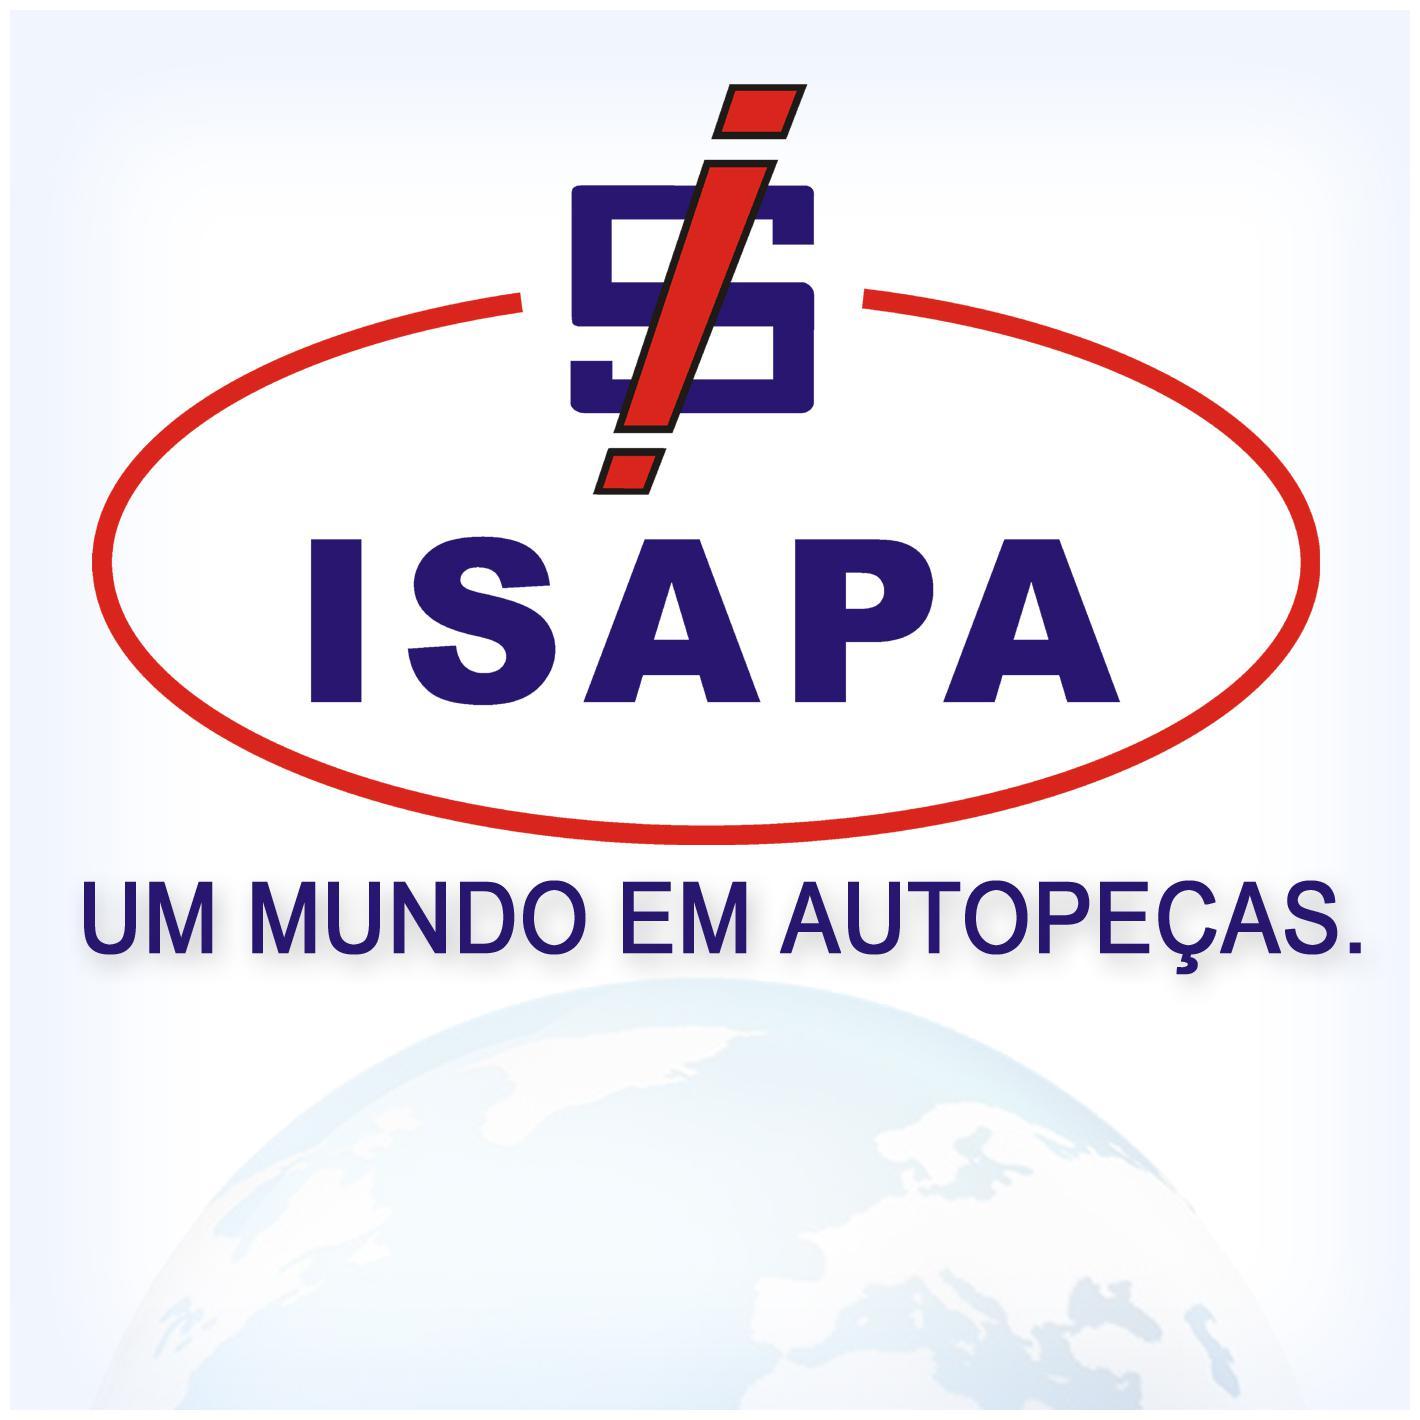 ISAPA Importação & Comércio